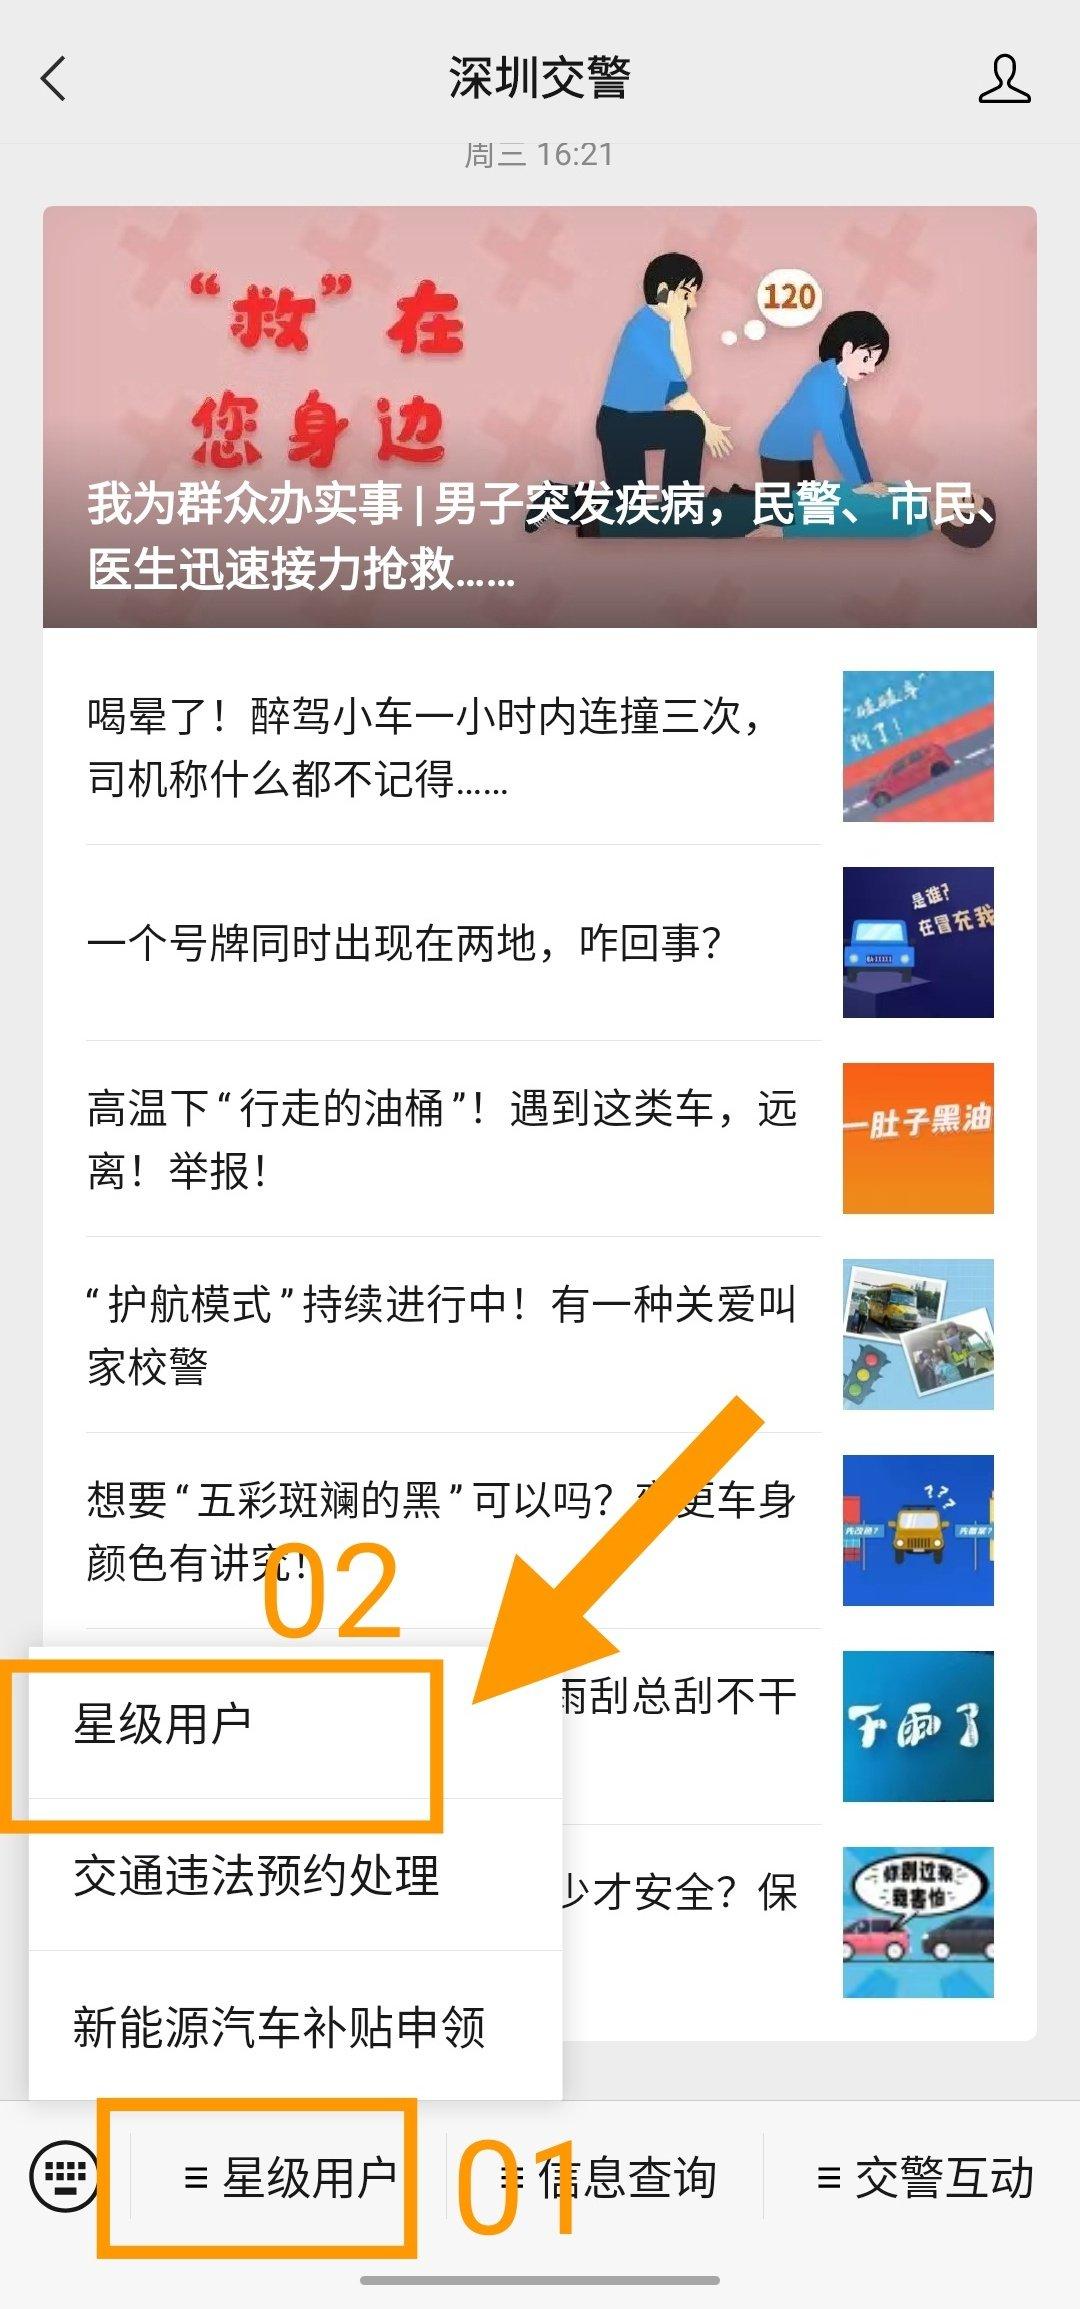 2021年8月23日深圳限行外地车吗?免限行申请流程是什么?